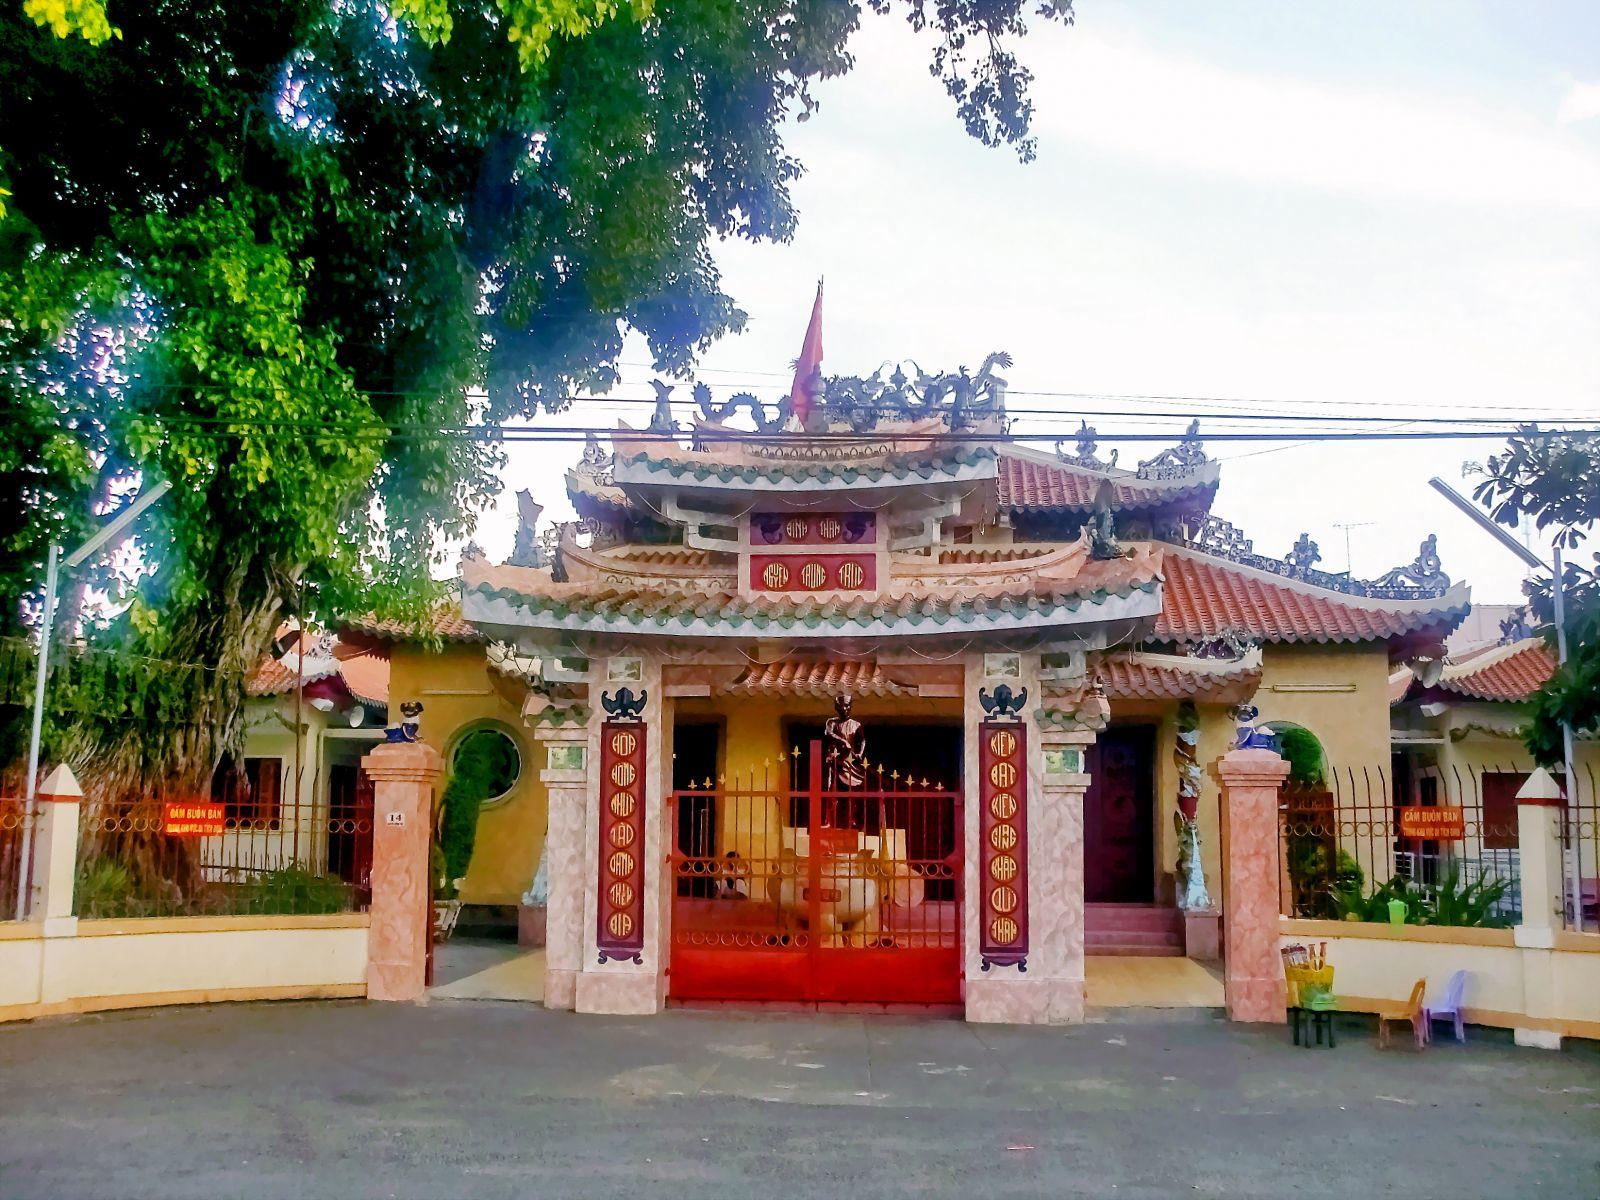 Đền thờ Nguyễn Trung Trực, Phú Quốc - iVIVU.com